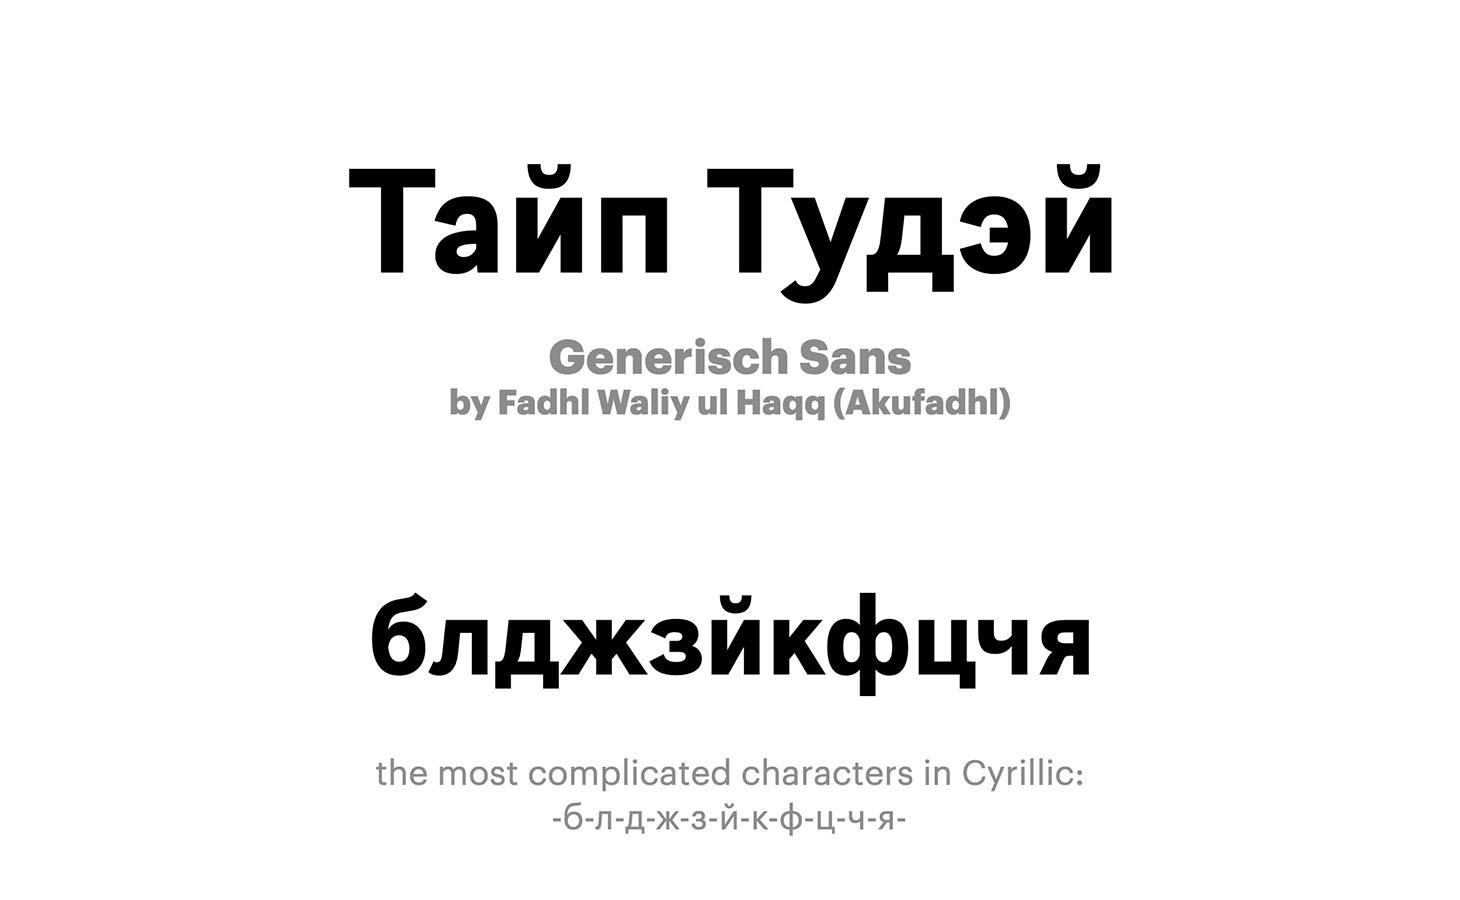 Generisch-Sans